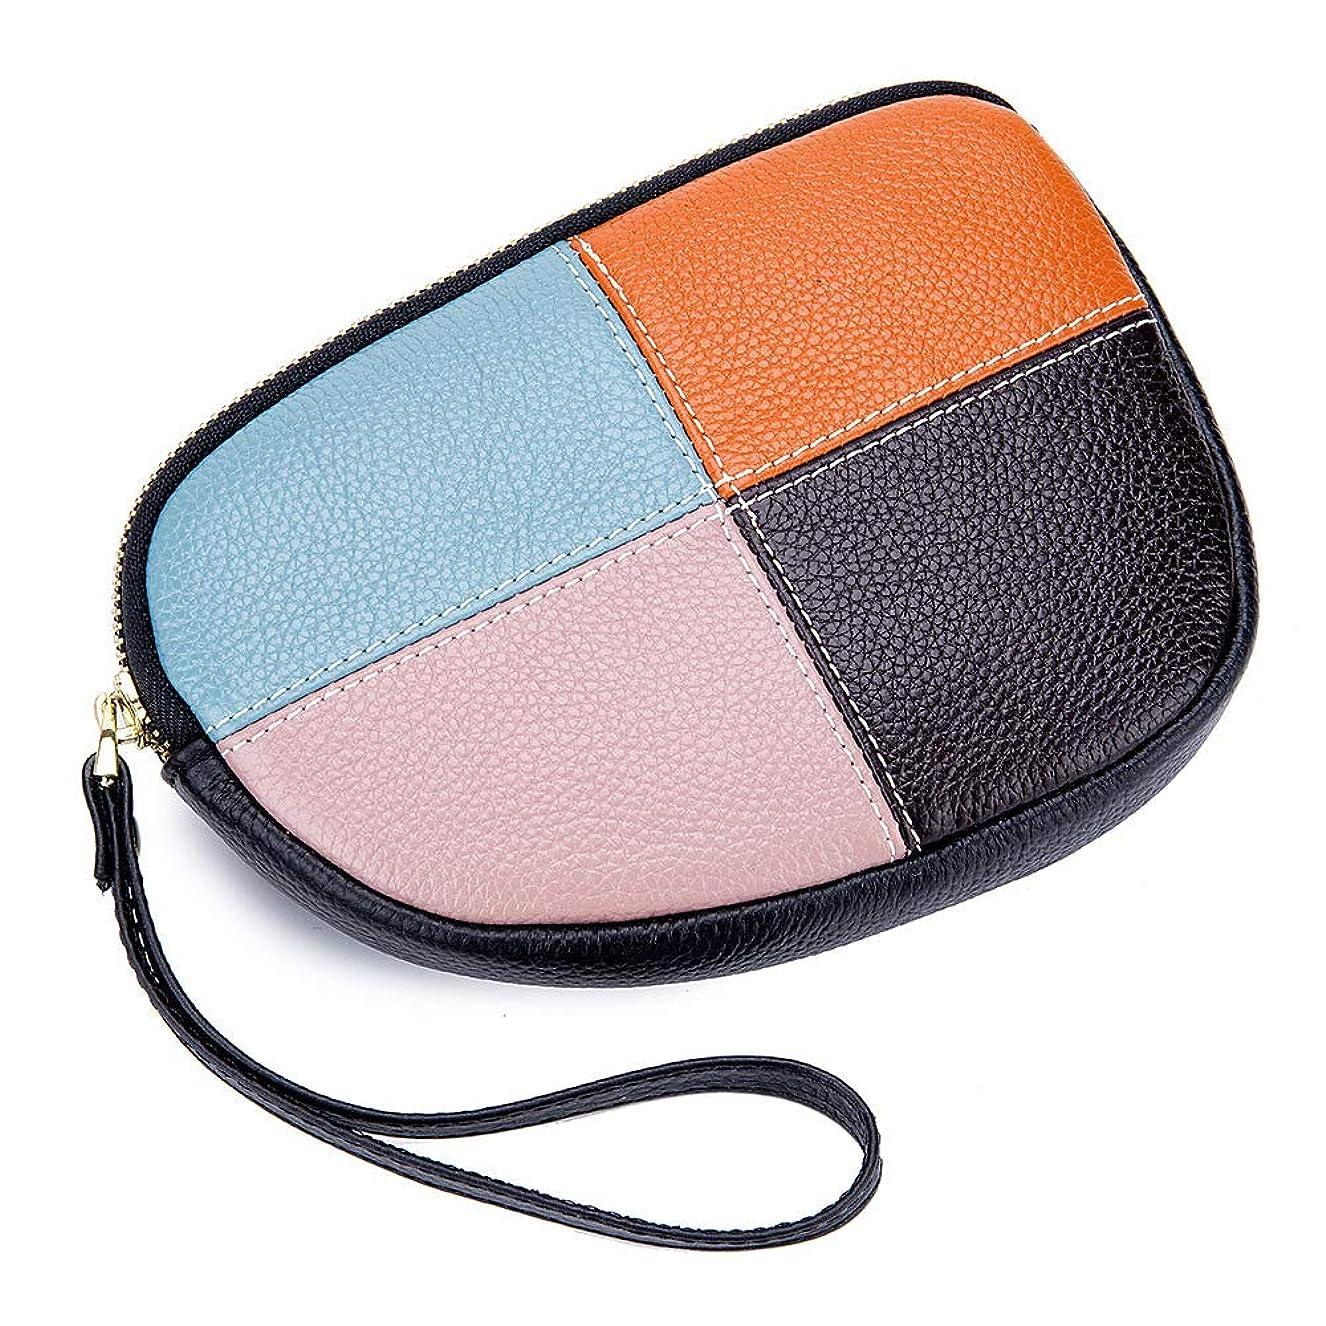 供給推測するアンデス山脈小銭入れ レディース 婦人 本革 チェック ミニ財布 ハンドバッグ